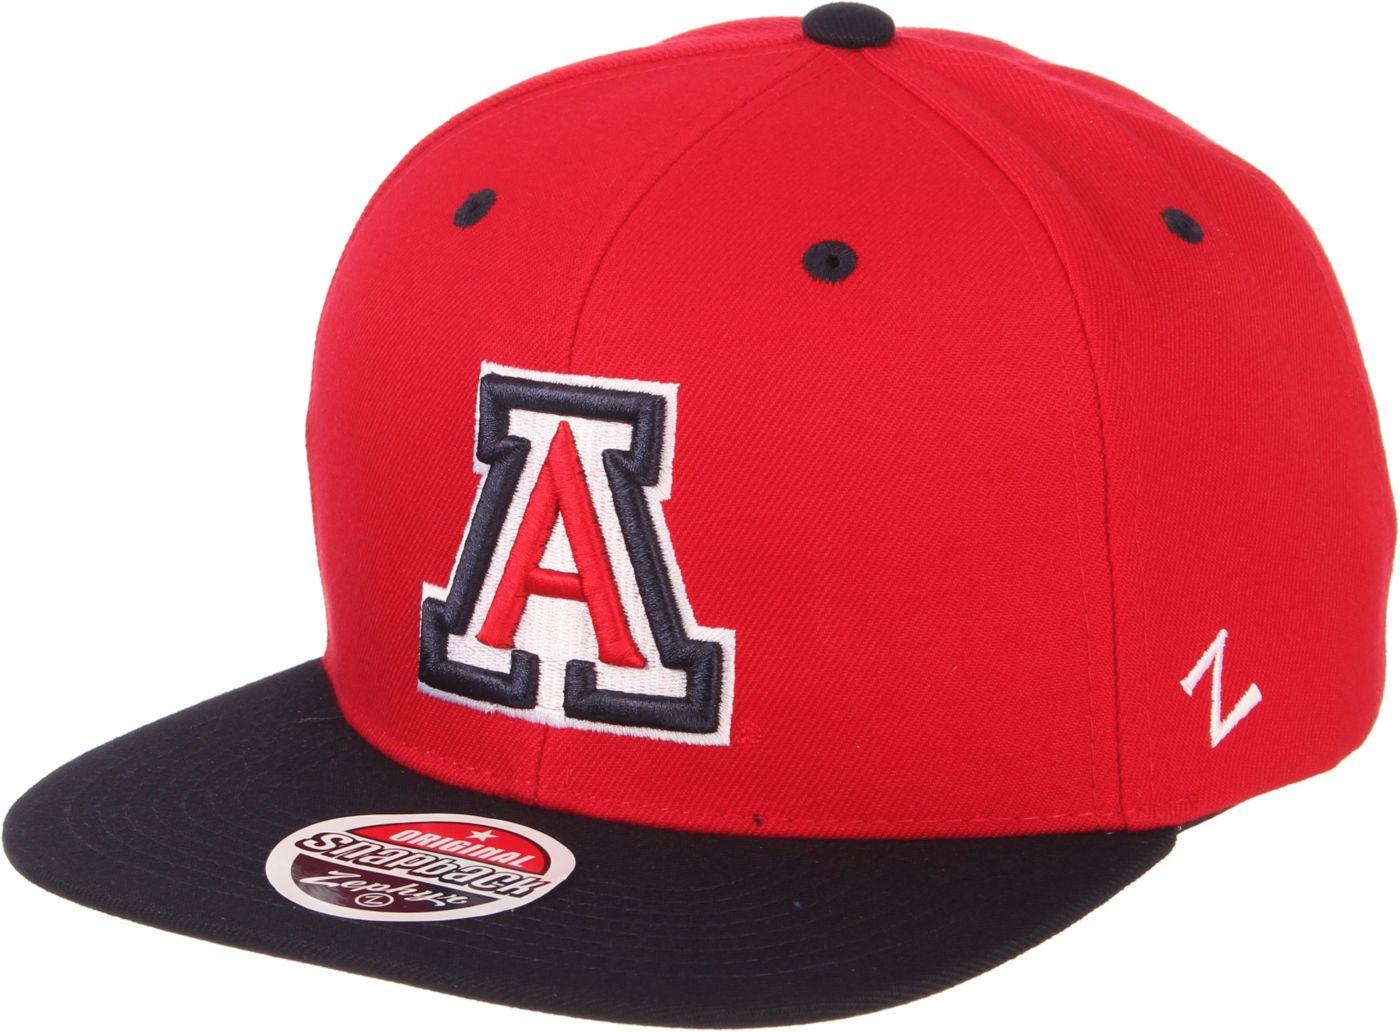 Zephyr Men's Arizona Wildcats Cardinal/Navy Script Adjustable Snapback Hat